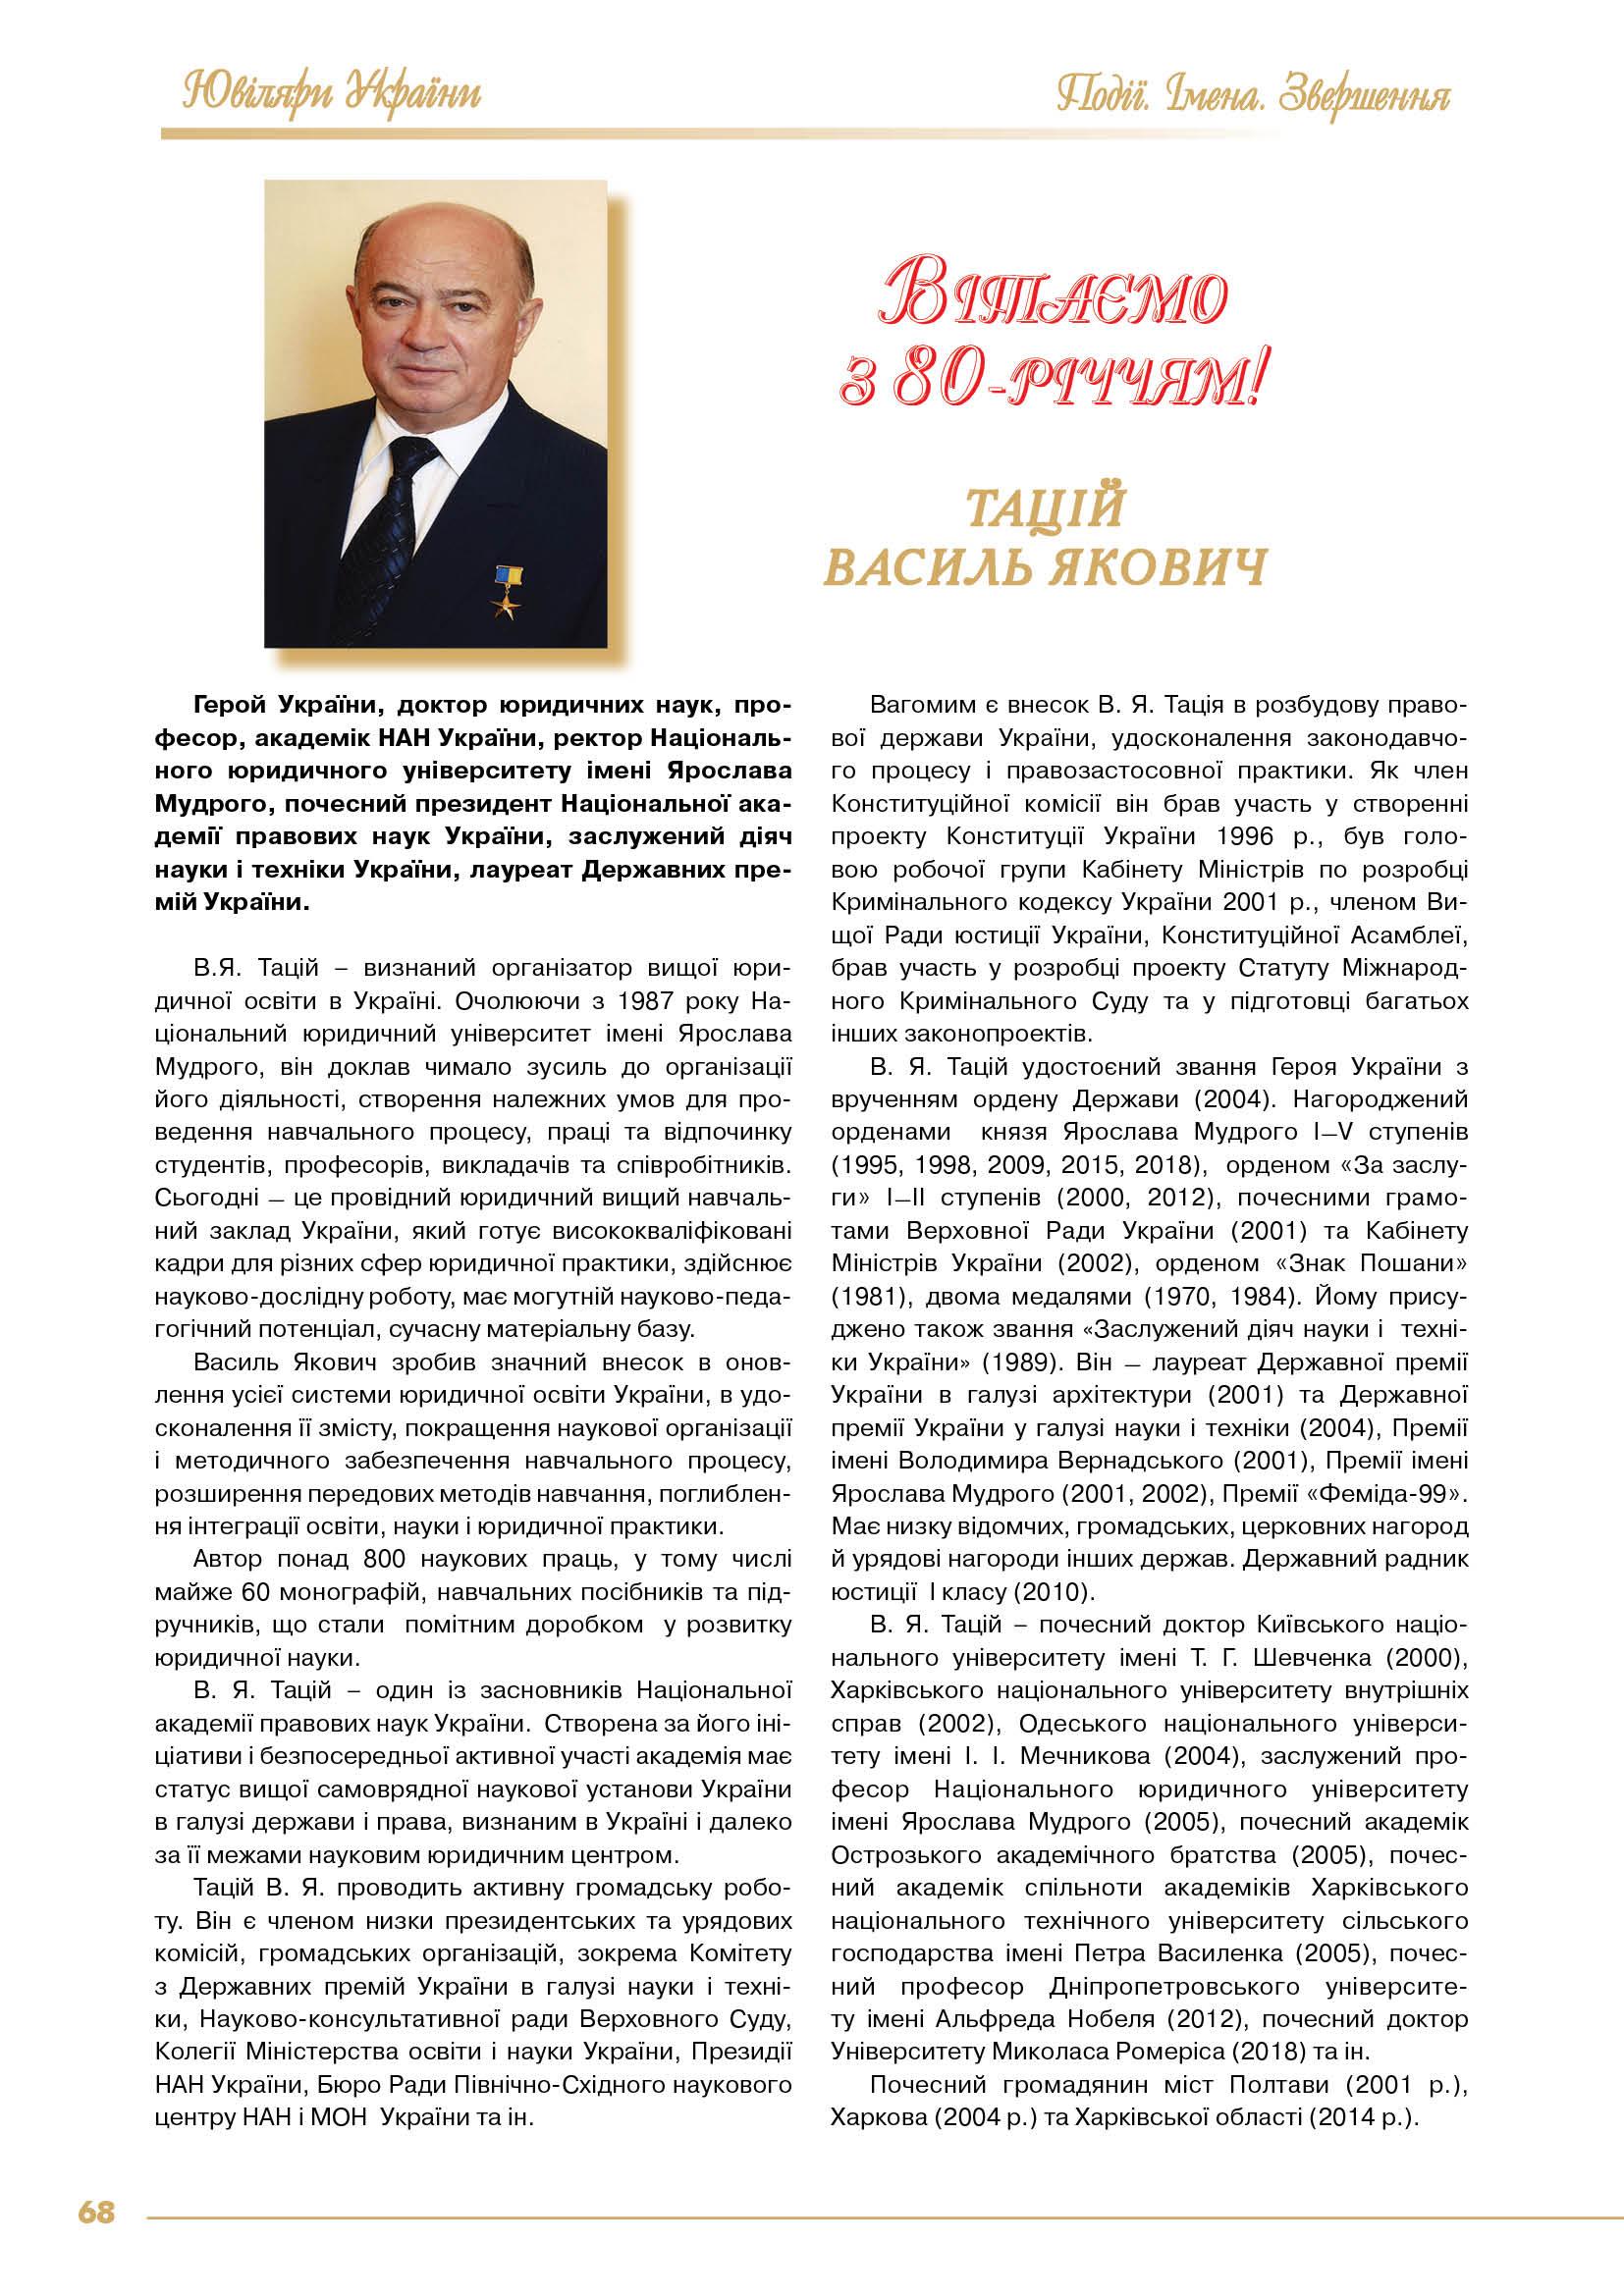 Тацій Василь Якович